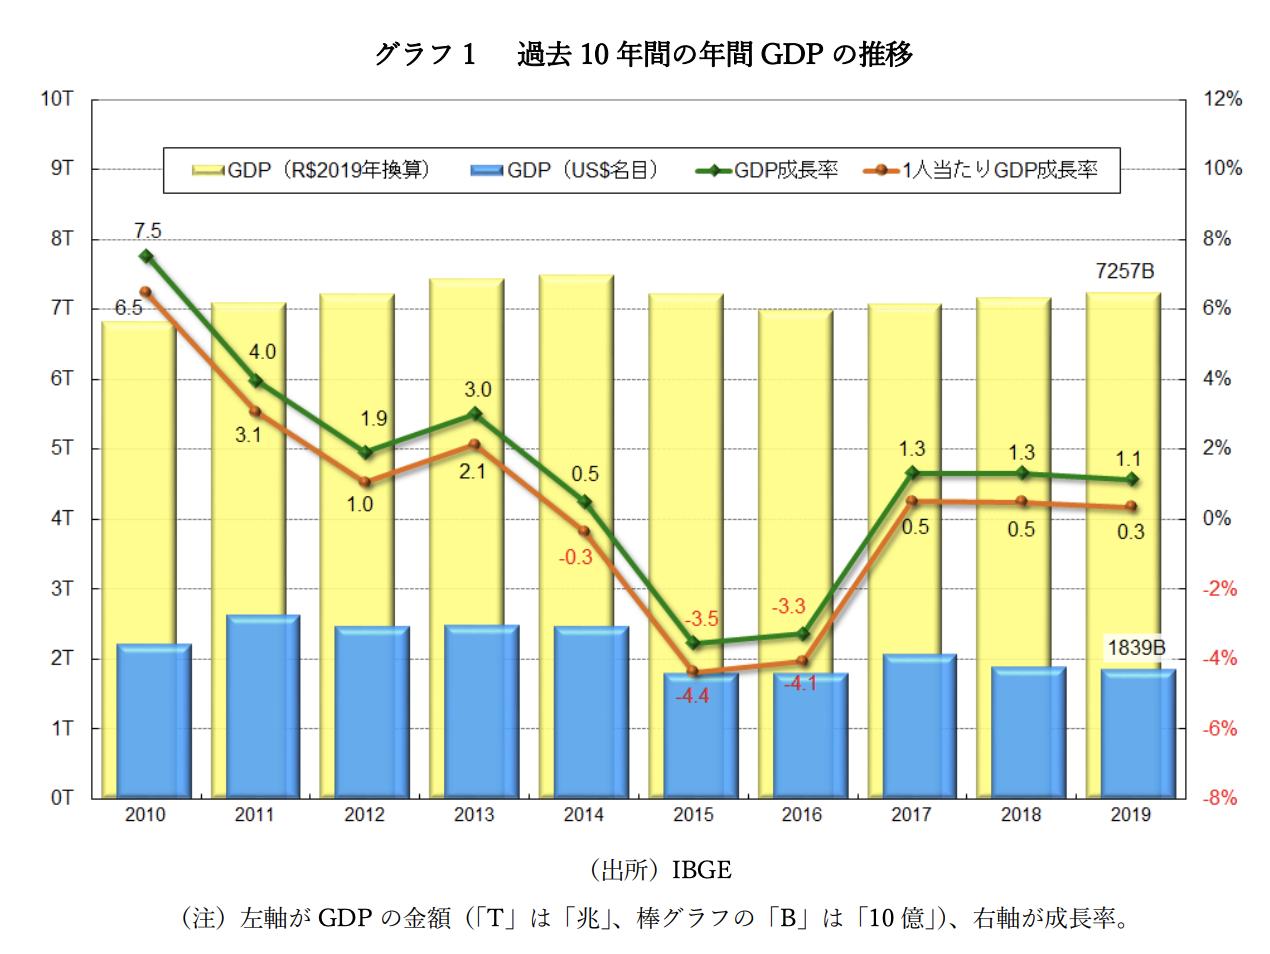 グラフ 1 過去 10 年間の年間 GDP の推移